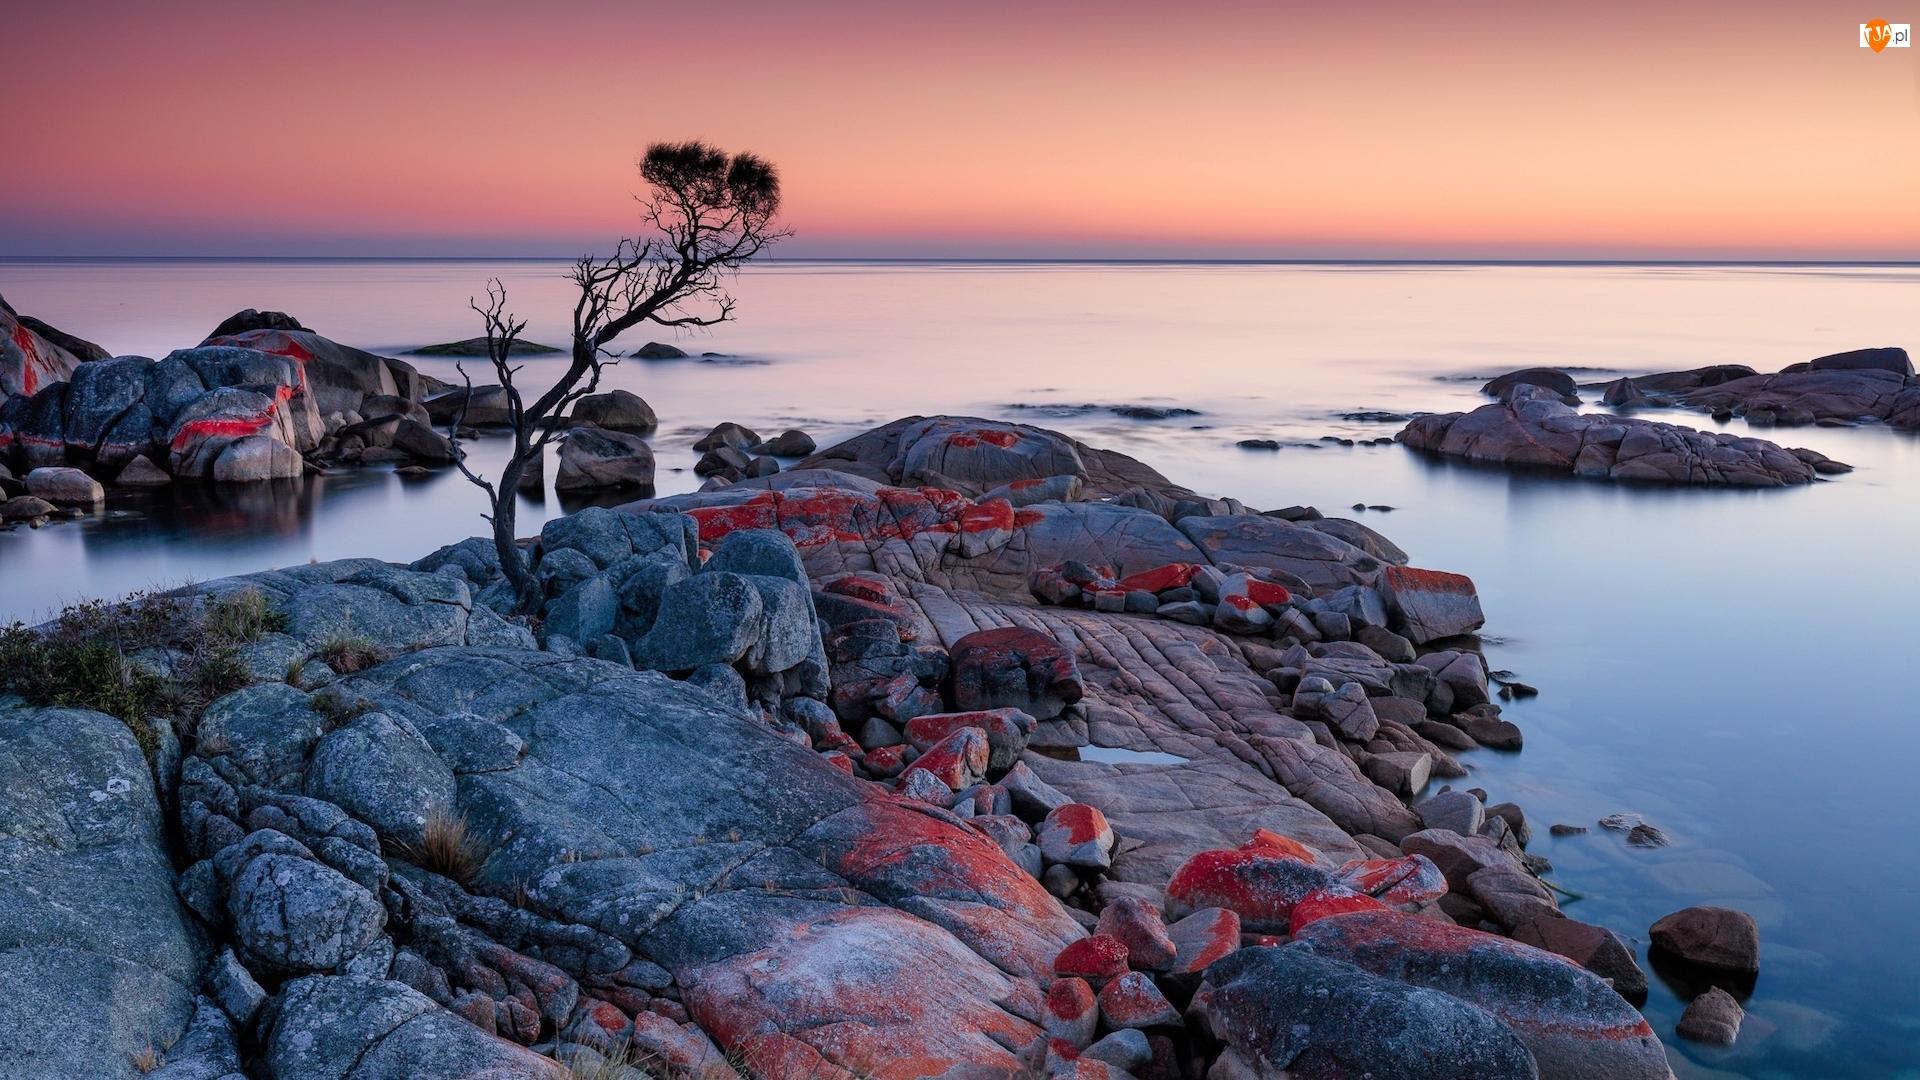 Tasmania, Binalong Bay, Drzewo, Australia, Głazy, Skały, Morze